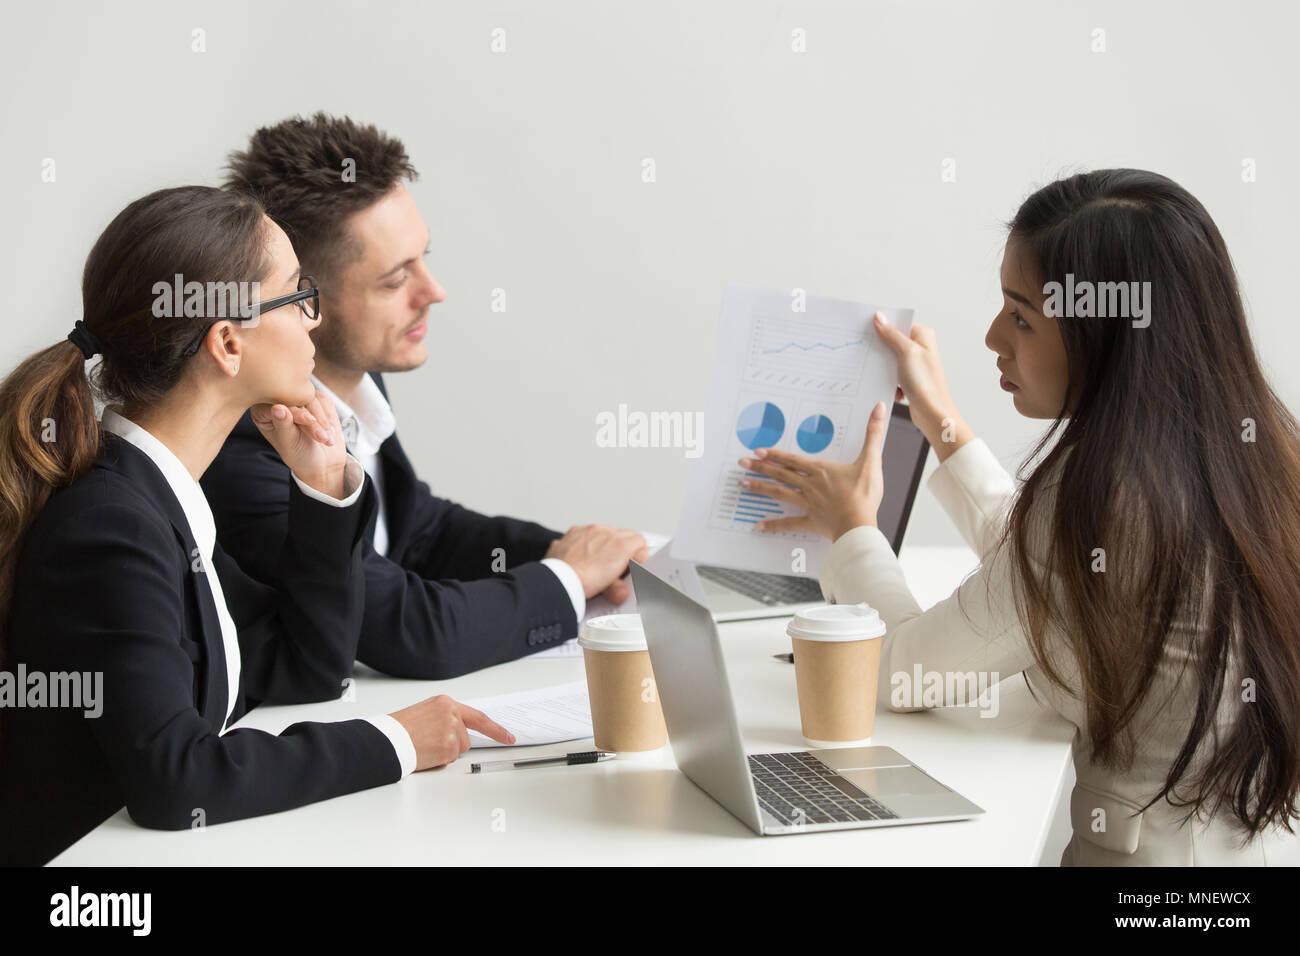 Lavoratore di sesso femminile che la presentazione di modelli visivi ai colleghi di lavoro Immagini Stock